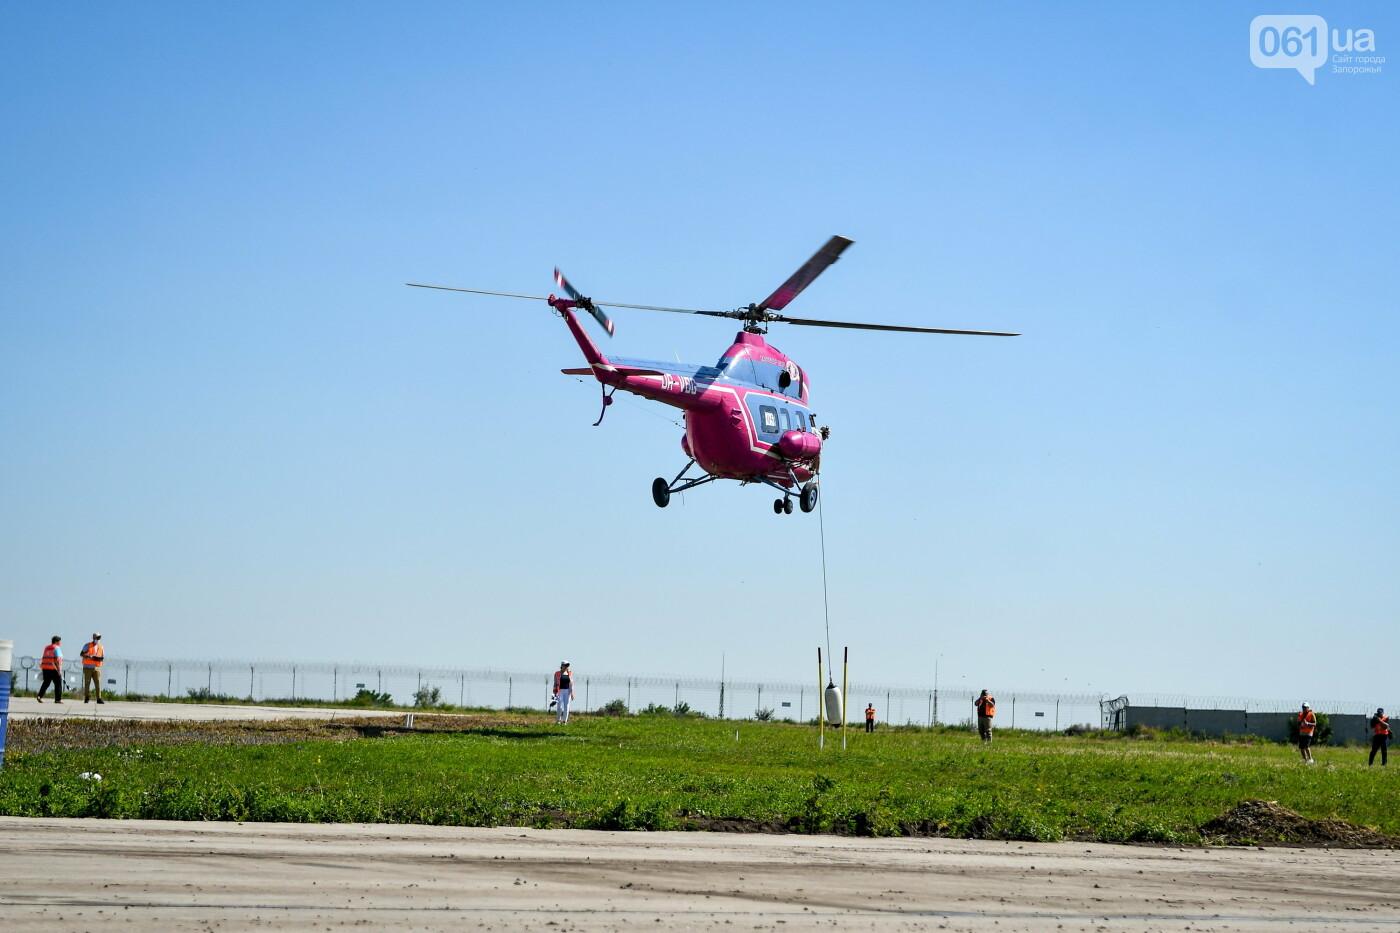 В Запорожье проходят соревнования по вертолетному спорту, - ФОТОРЕПОРТАЖ, фото-22